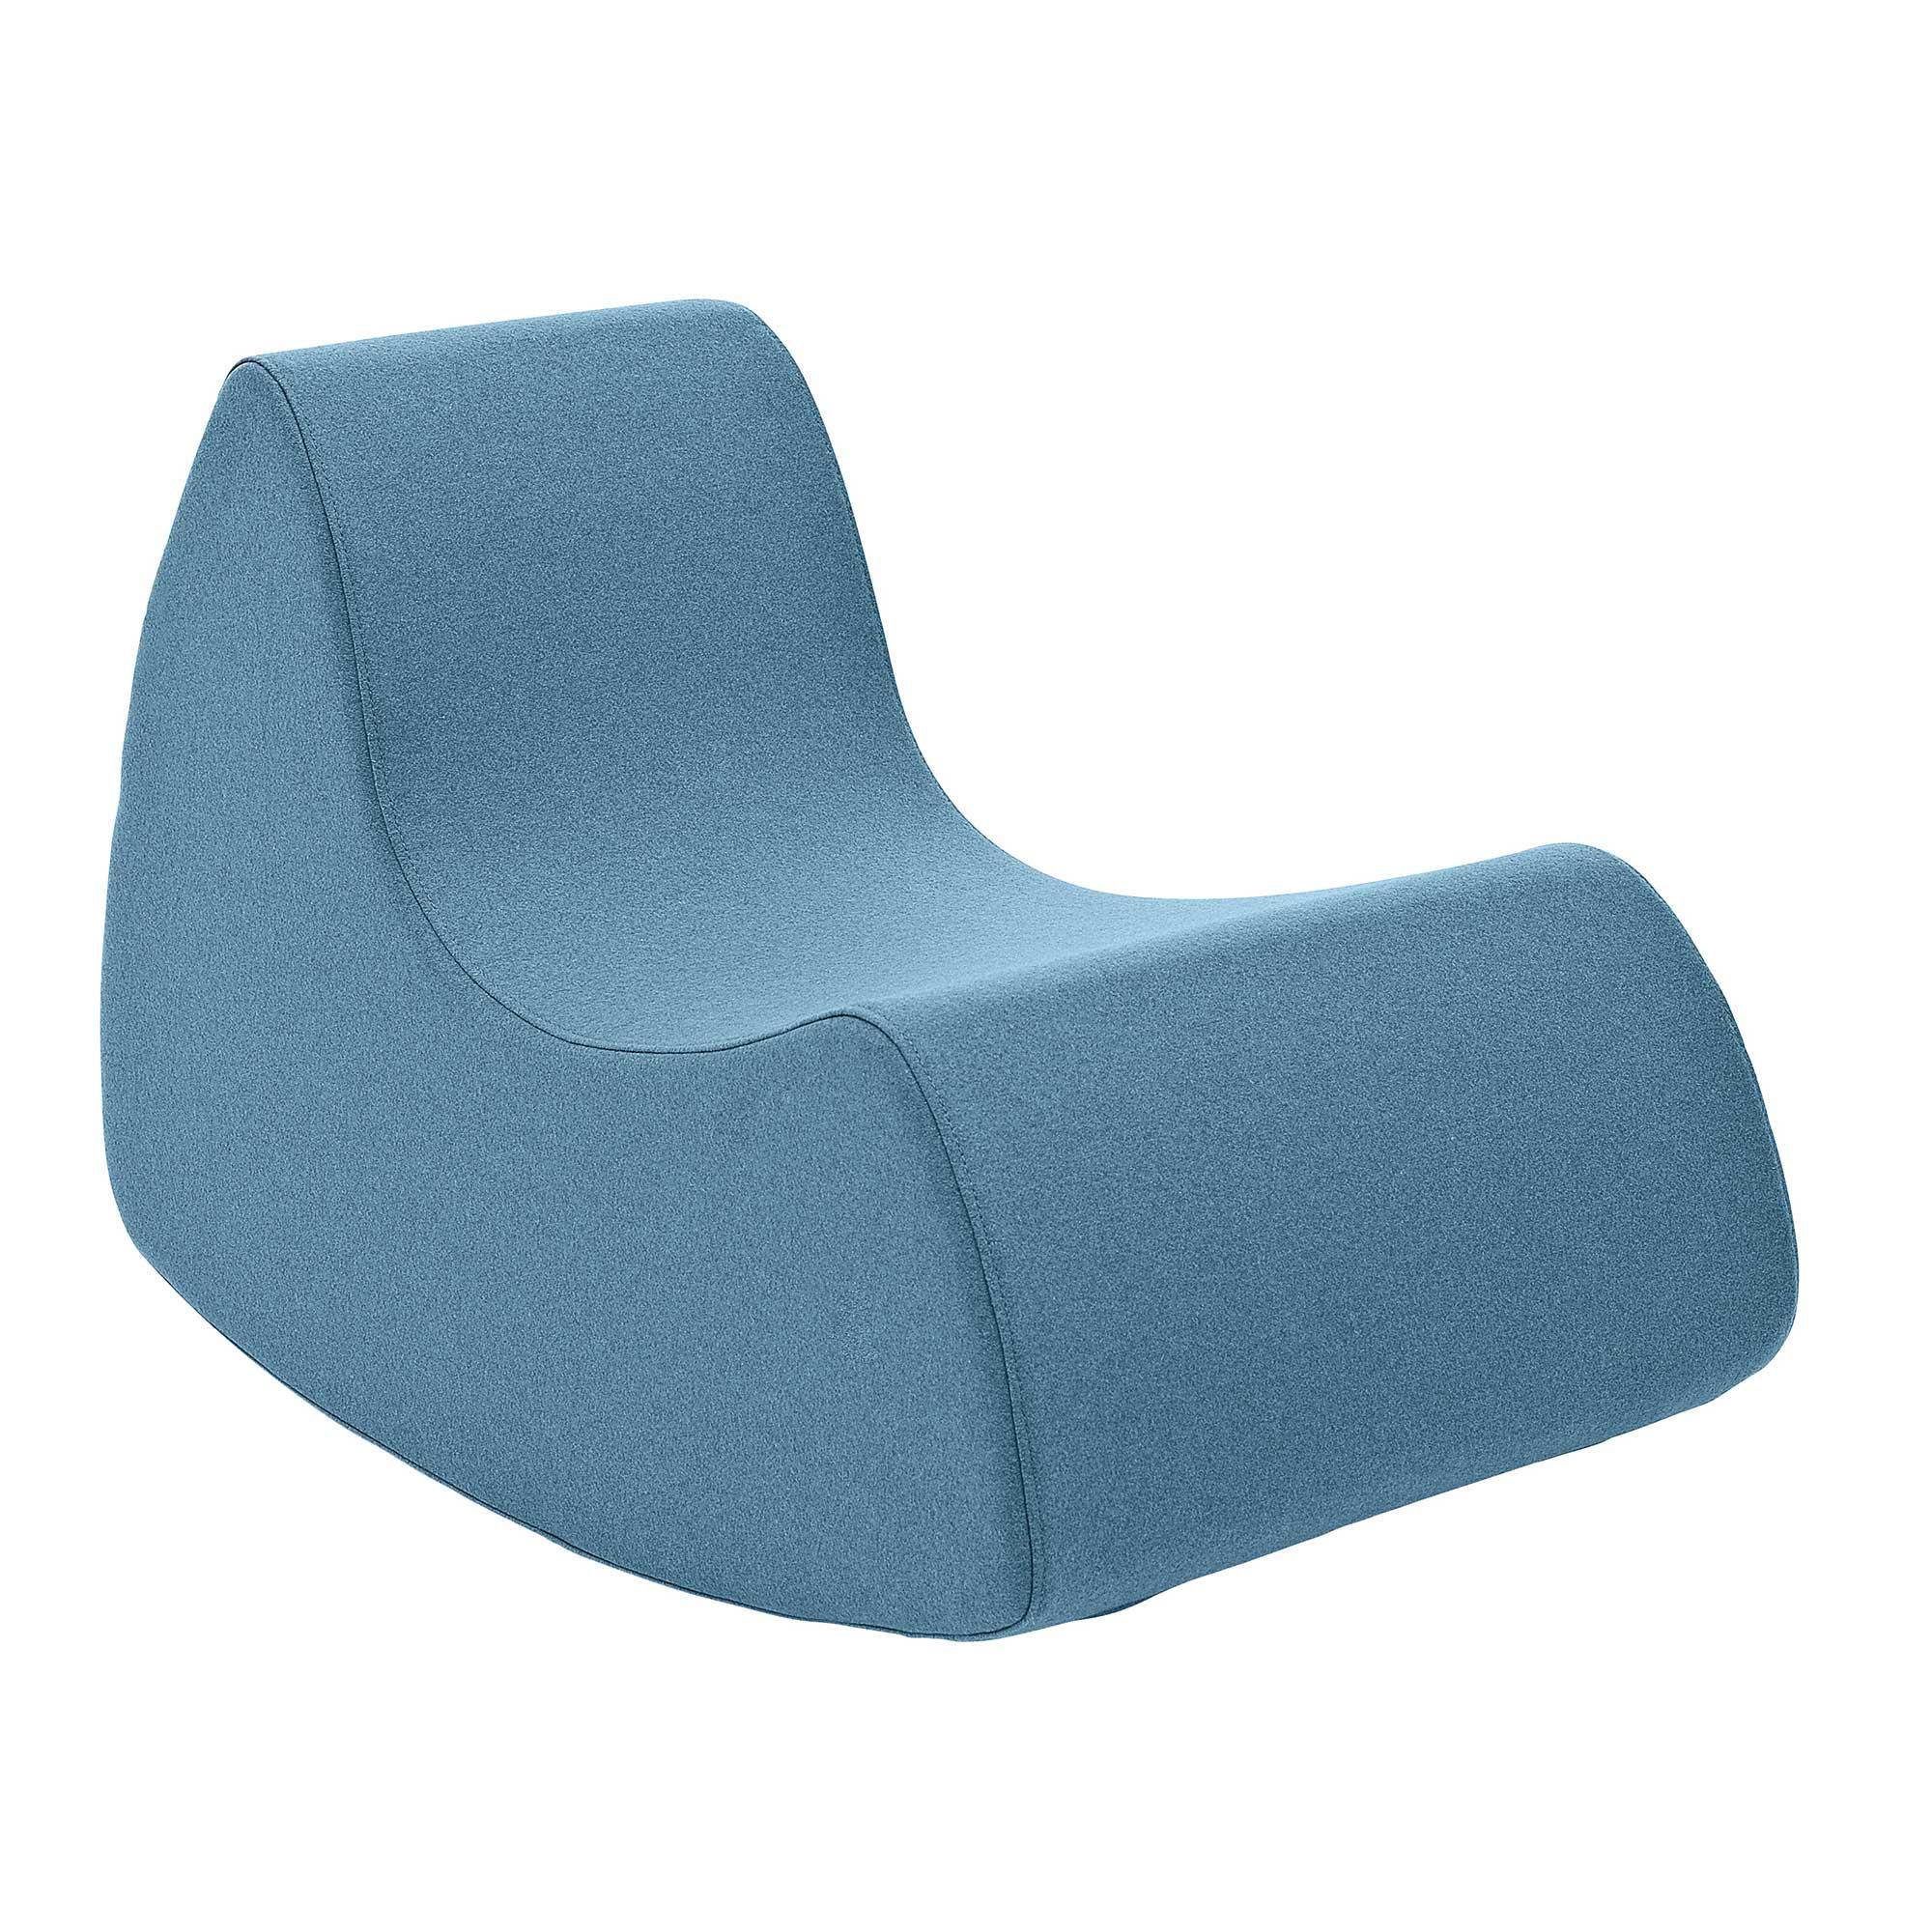 Softline - Grand Prix Kindersessel - hellblau/Stoff Filz 858/50x53x80cm | Kinderzimmer > Kindersessel & Kindersofas | Hellblau | Baumwolle| polyurtehanschaum | Softline